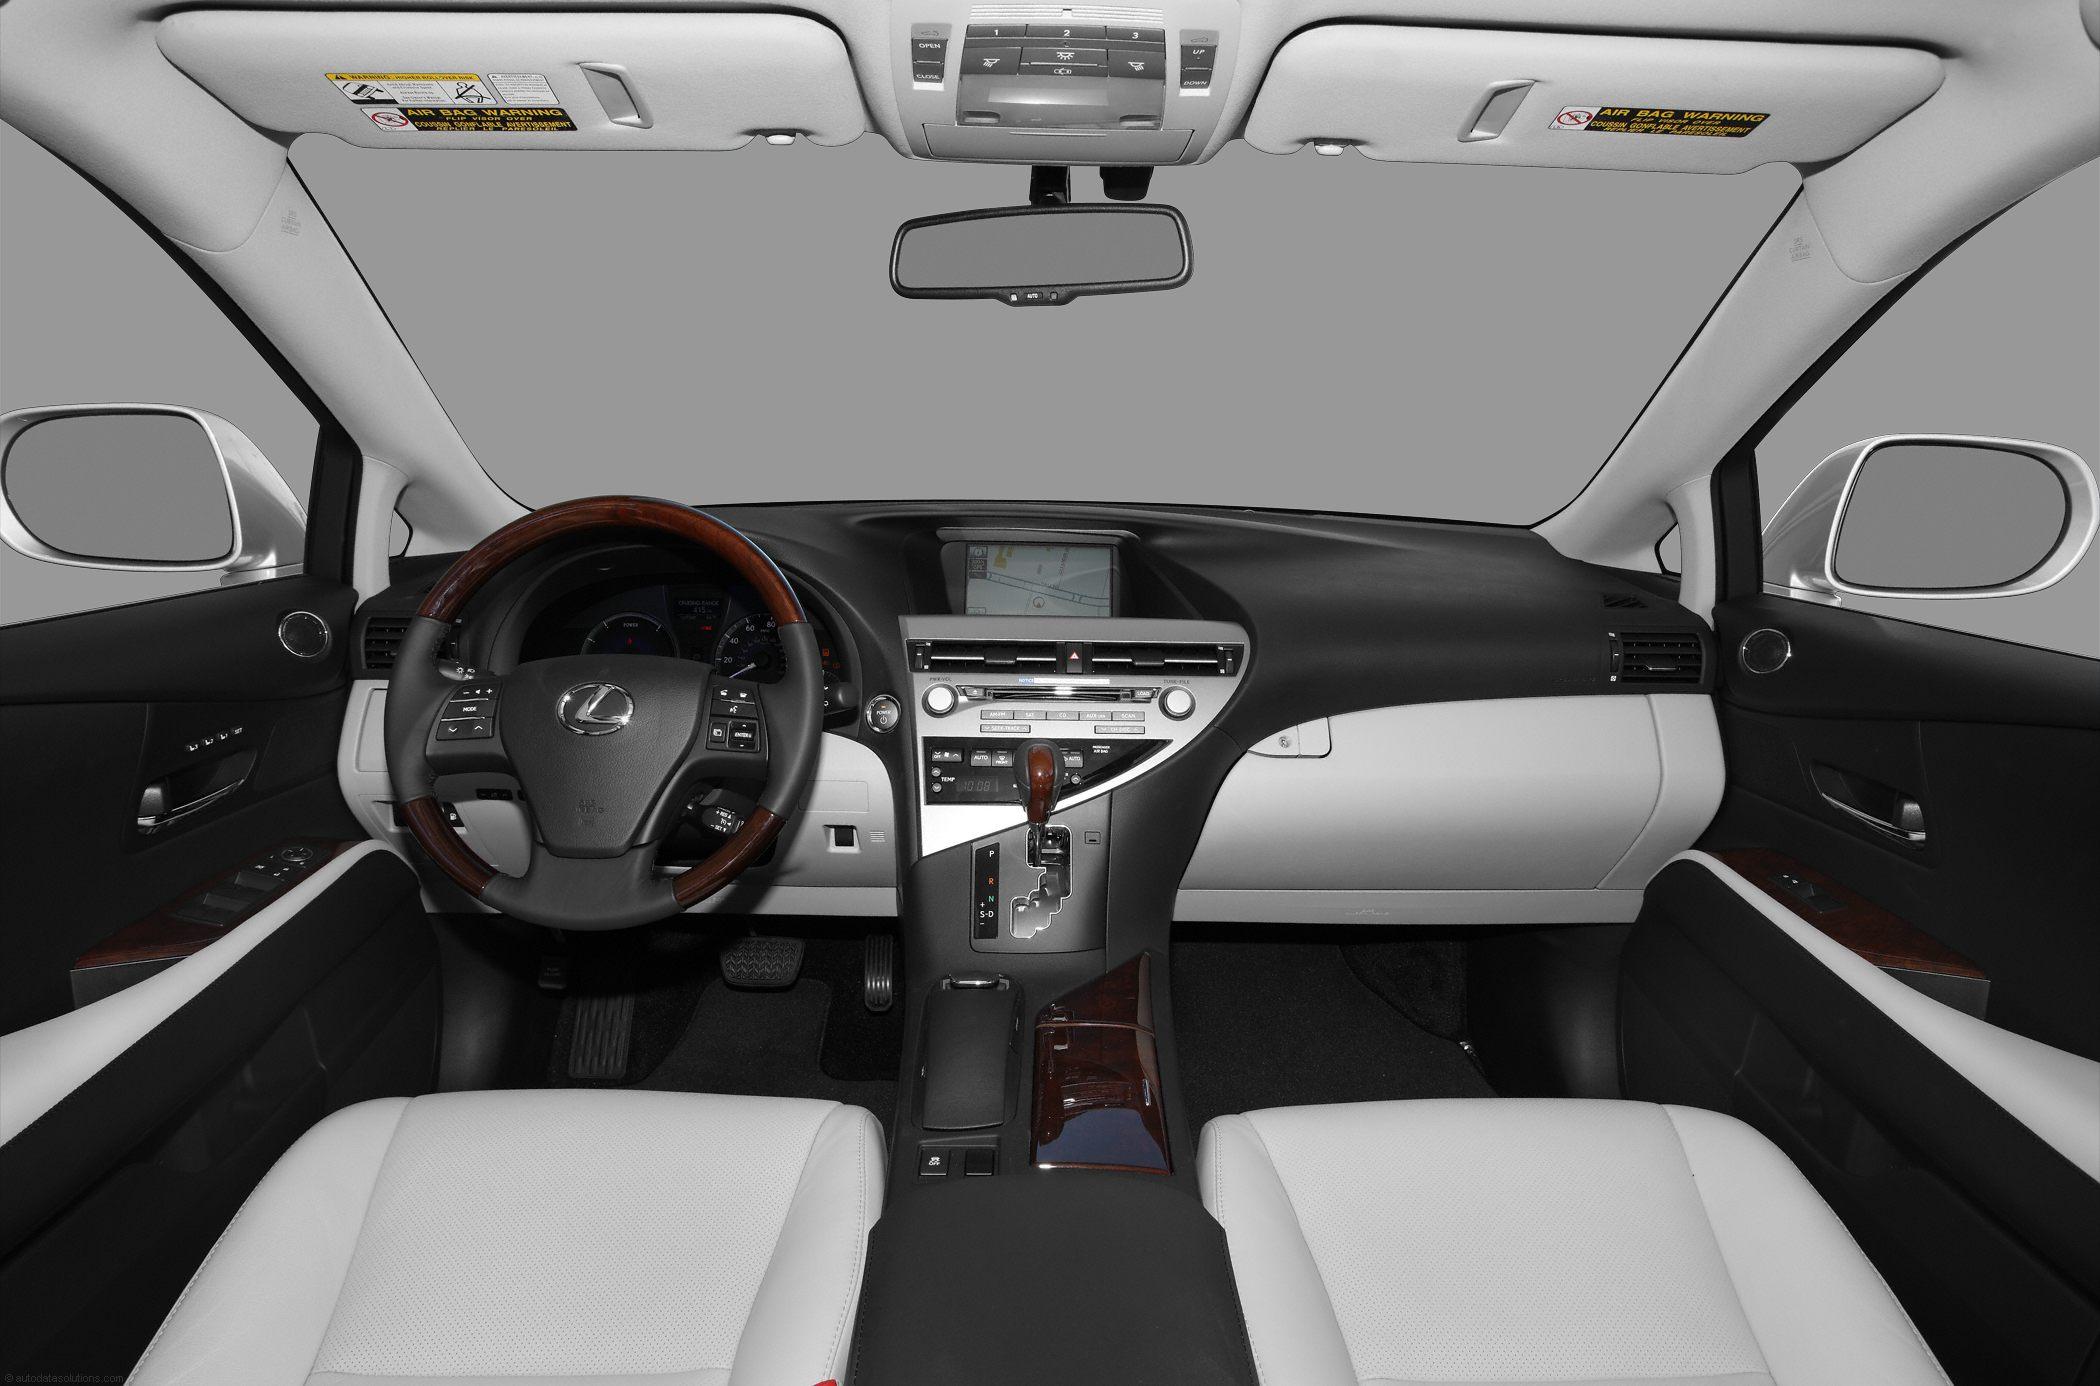 2011 Lexus Rx 450h Image 18